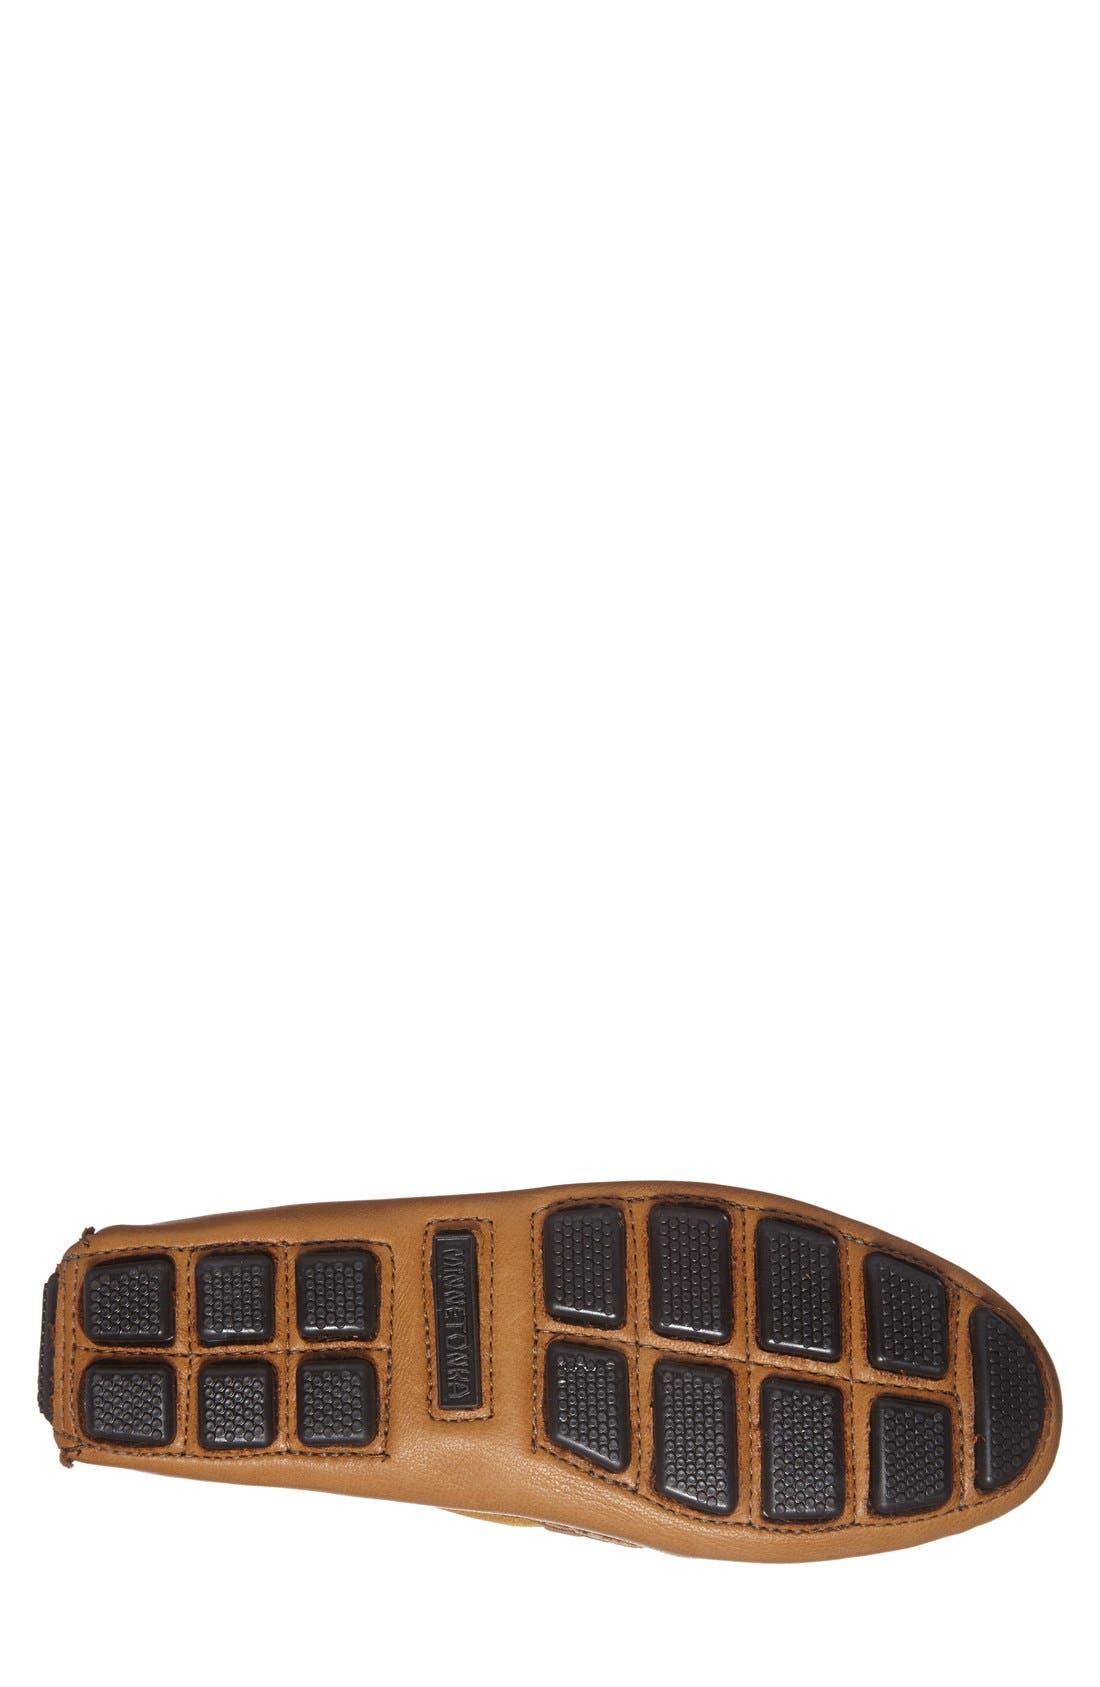 MINNETONKA, Moosehide Driving Shoe, Alternate thumbnail 4, color, NATURAL